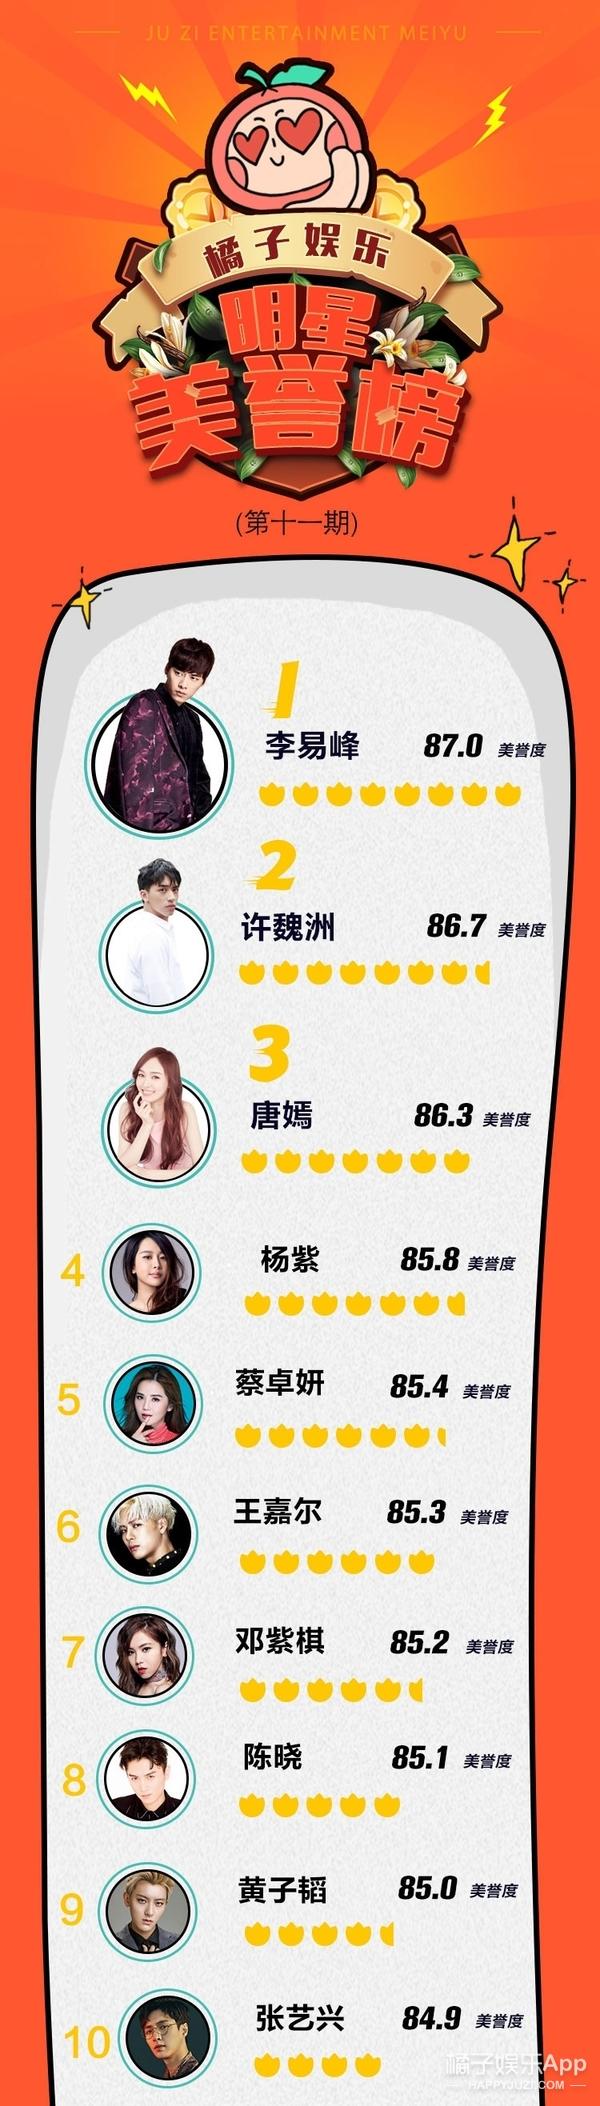 明星美誉榜揭晓:唐嫣闯入Top3,谈恋爱果然不一样